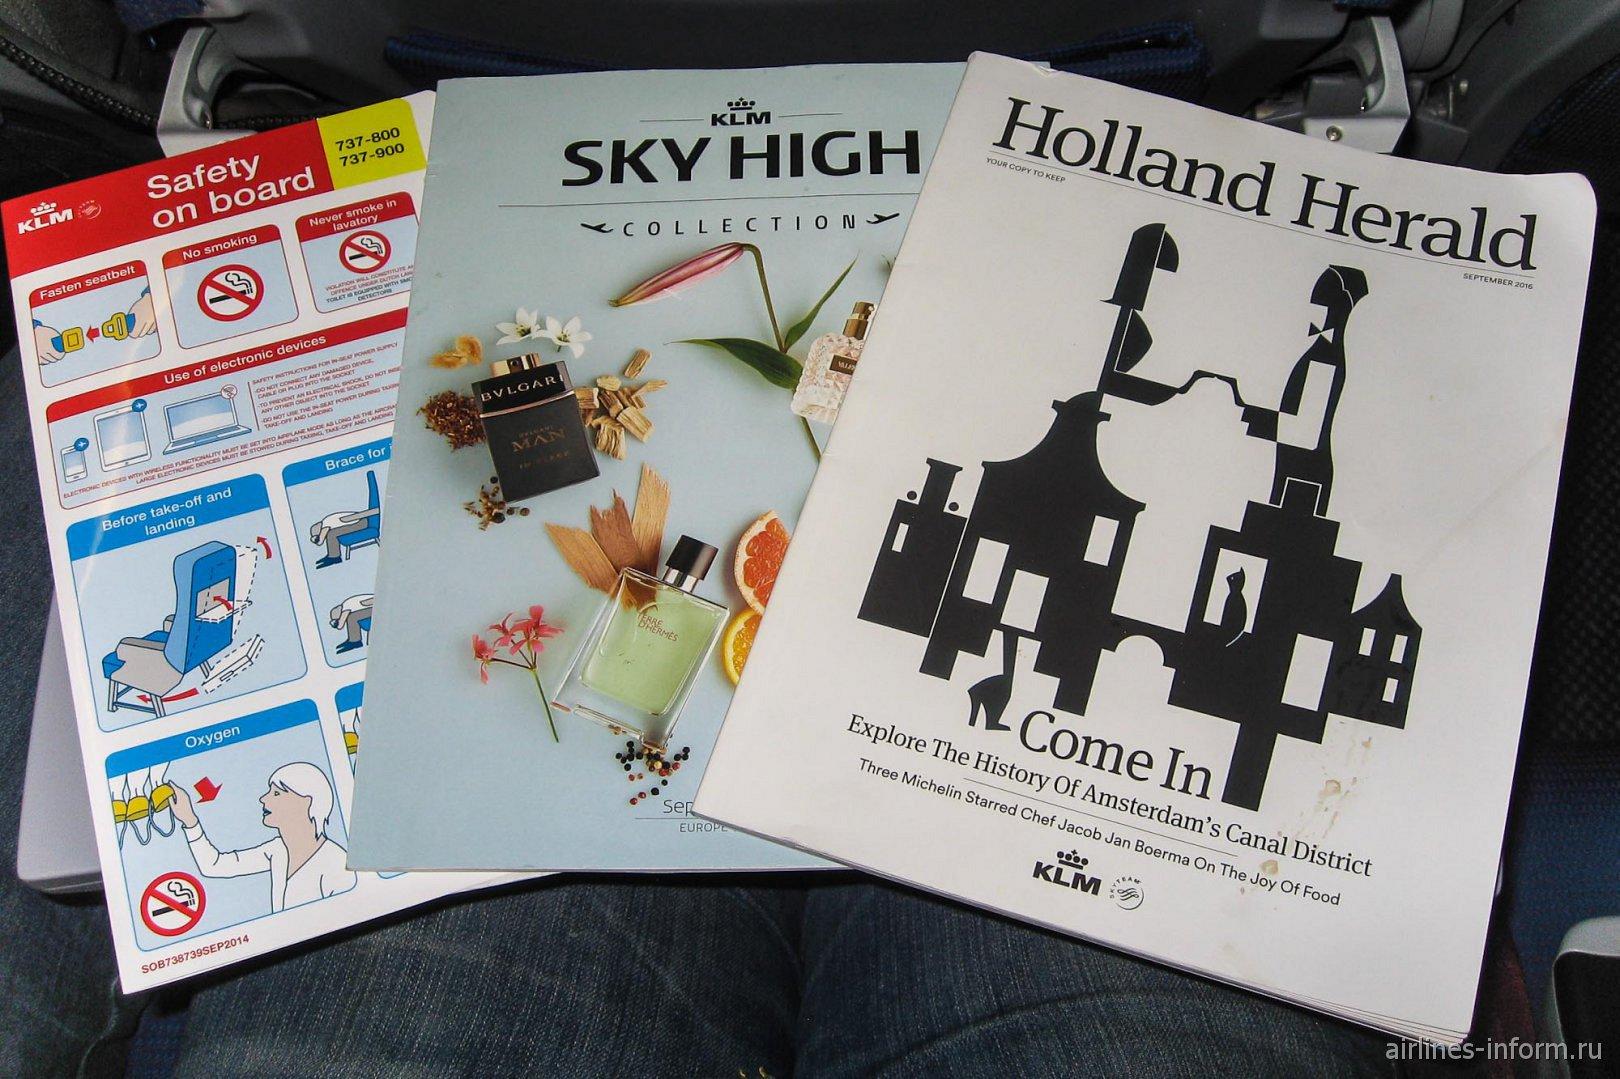 Бортовые журналы на рейсе авиакомпании KLM